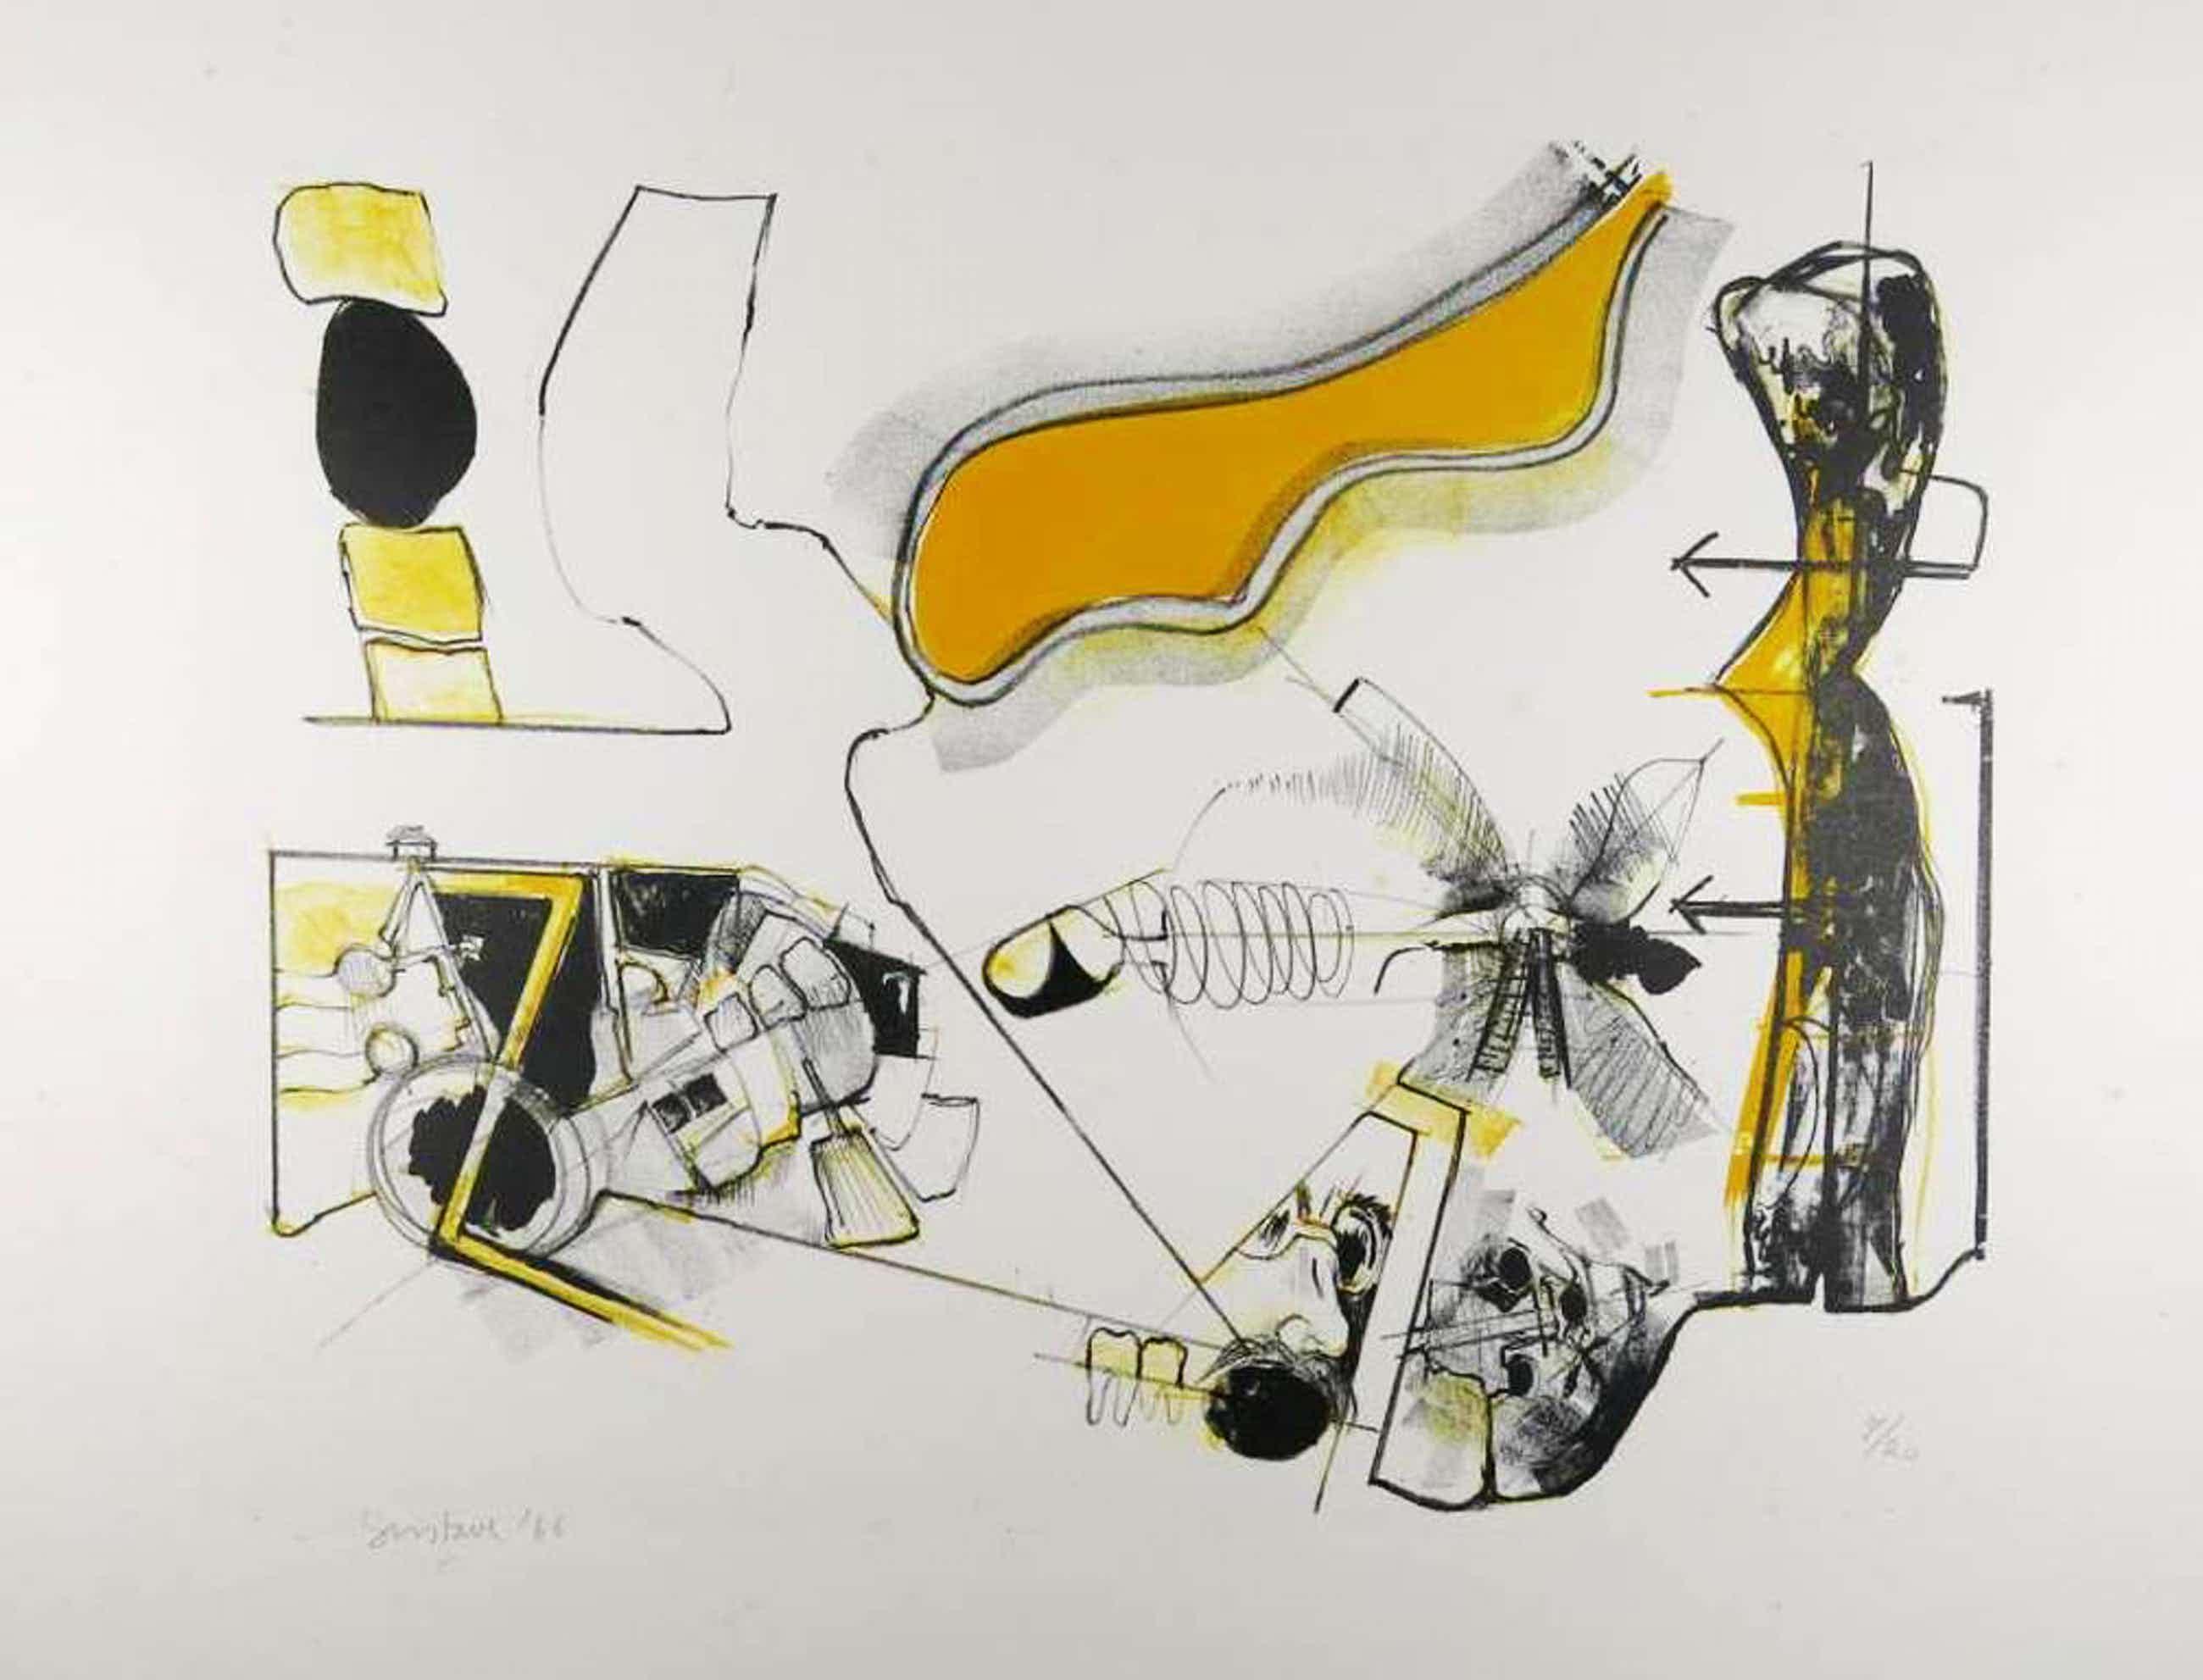 Gustave Asselbergs: Litho, Compositie in geel kopen? Bied vanaf 50!